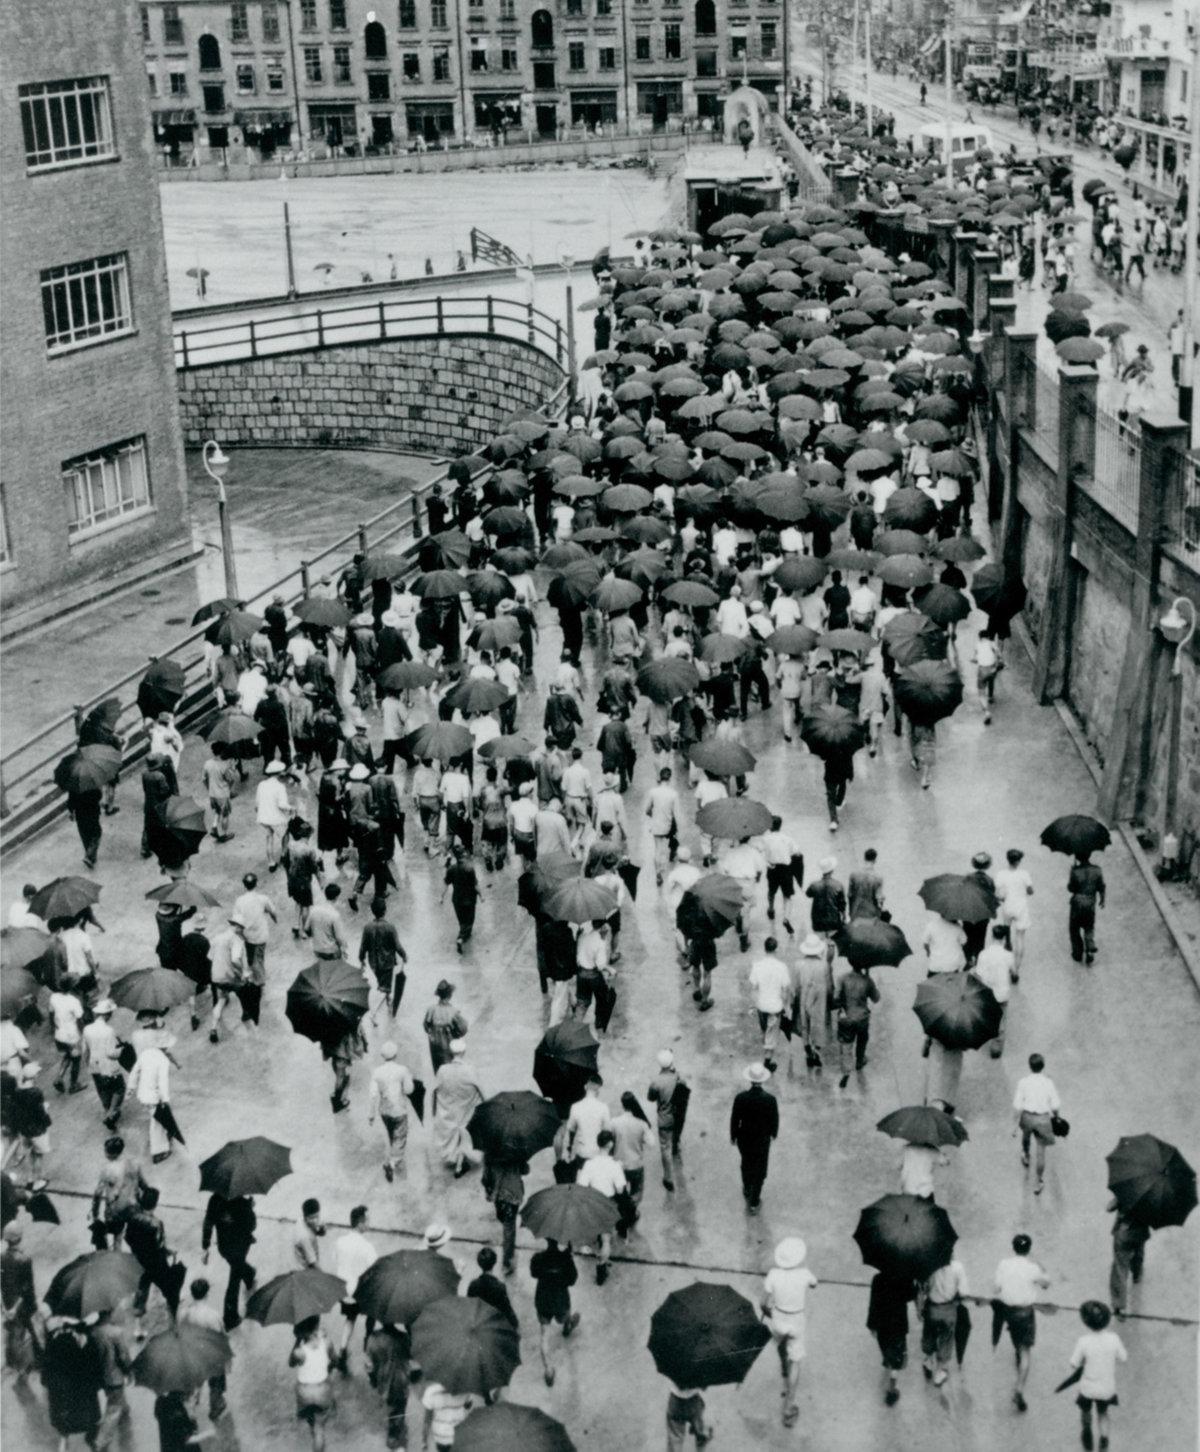 太古船塢,數千名員工一起上下班的場面非常壯觀。(圖片由太古地產提供)